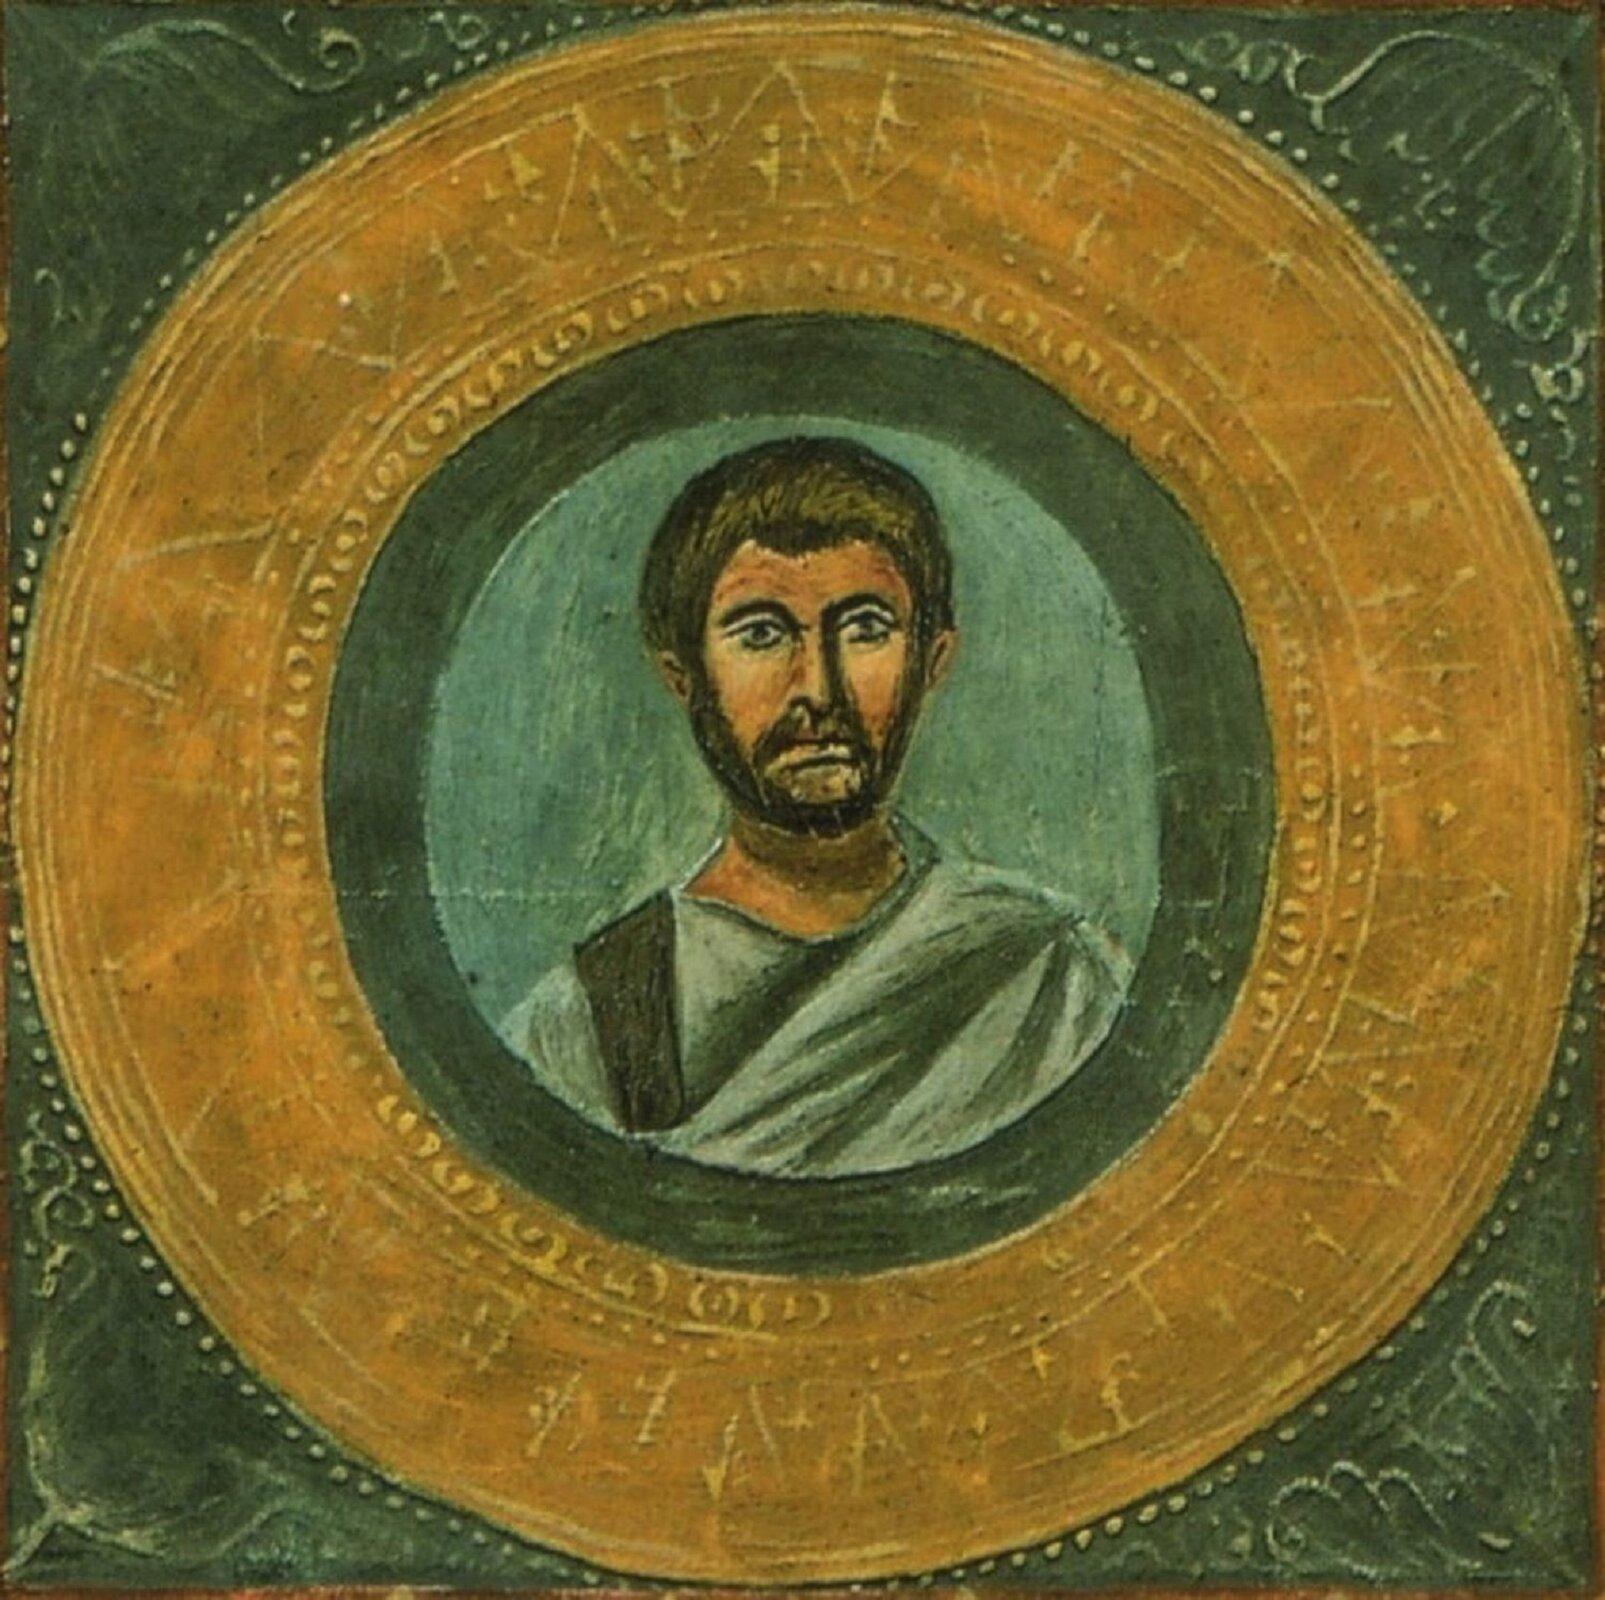 Fresk nieznanego autora przedstawia wizerunek Terencjusza, mężczyzny wśrednim wieku, okrótkich włosach oraz średniej długości zaroście. Terencjusz ubrany jest wjasną szatę zszarym pasem przewieszonym przez lewy bark. Portret mężczyzny został uwieczniony na zielonym tle. Wokół portretu widoczne są kolorowe pierścienie.